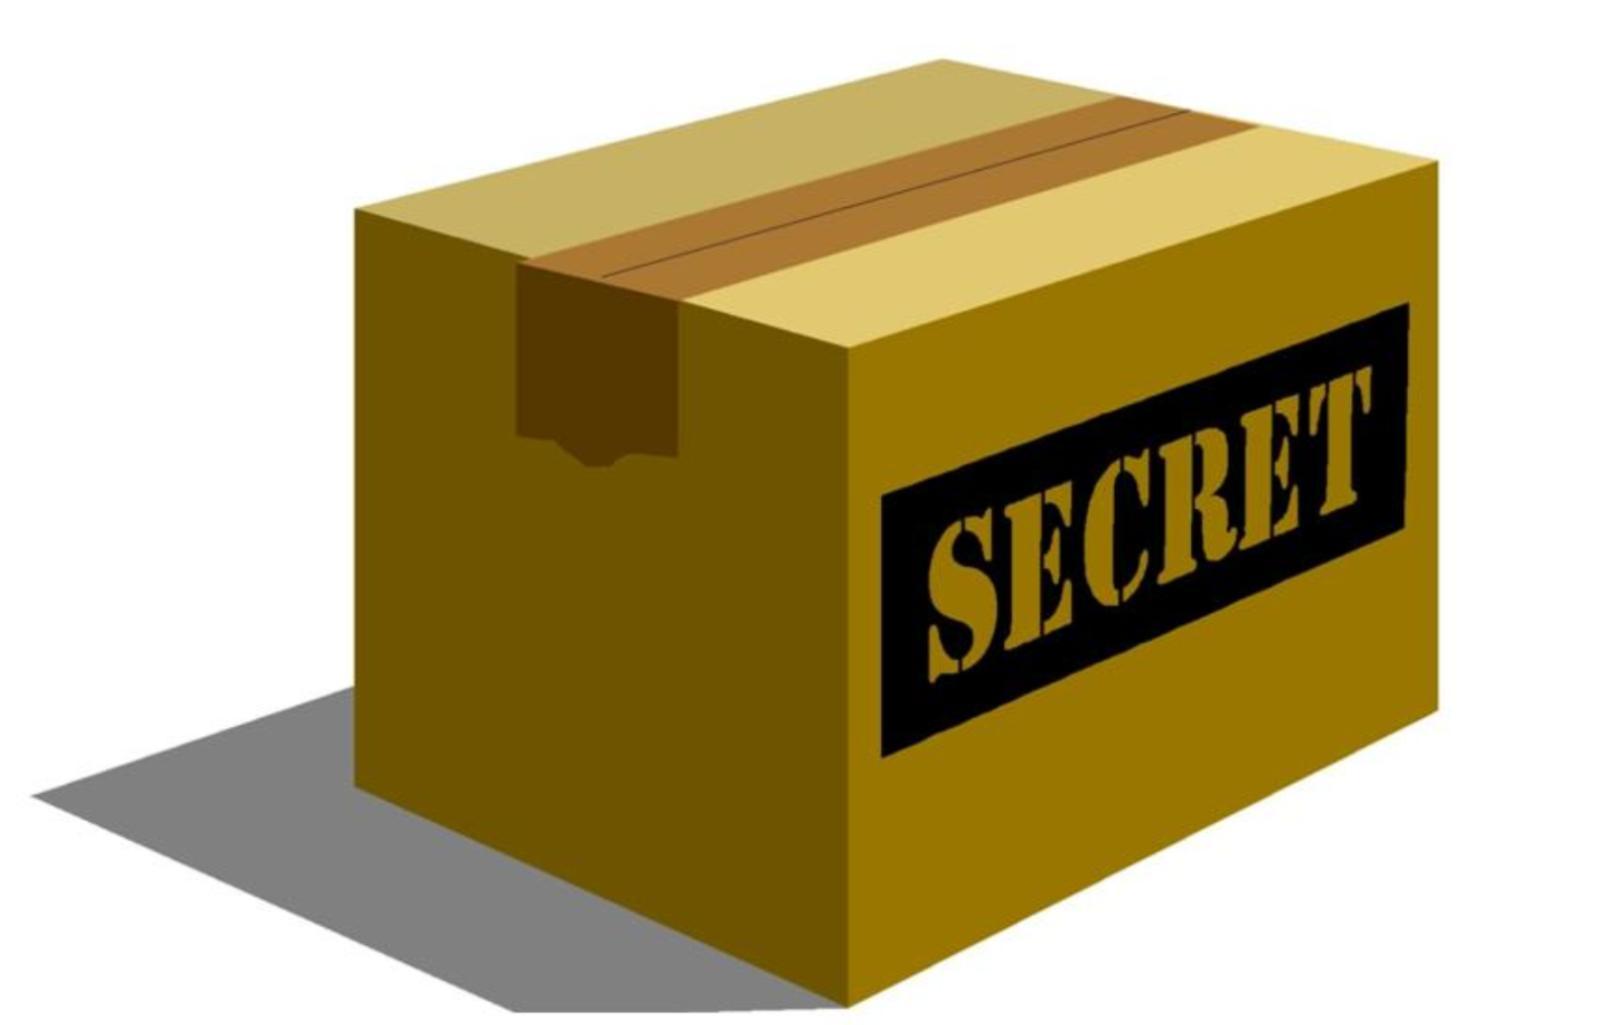 https://cdn2.hubspot.net/hubfs/2470171/blog/Secret.jpg Feature Image